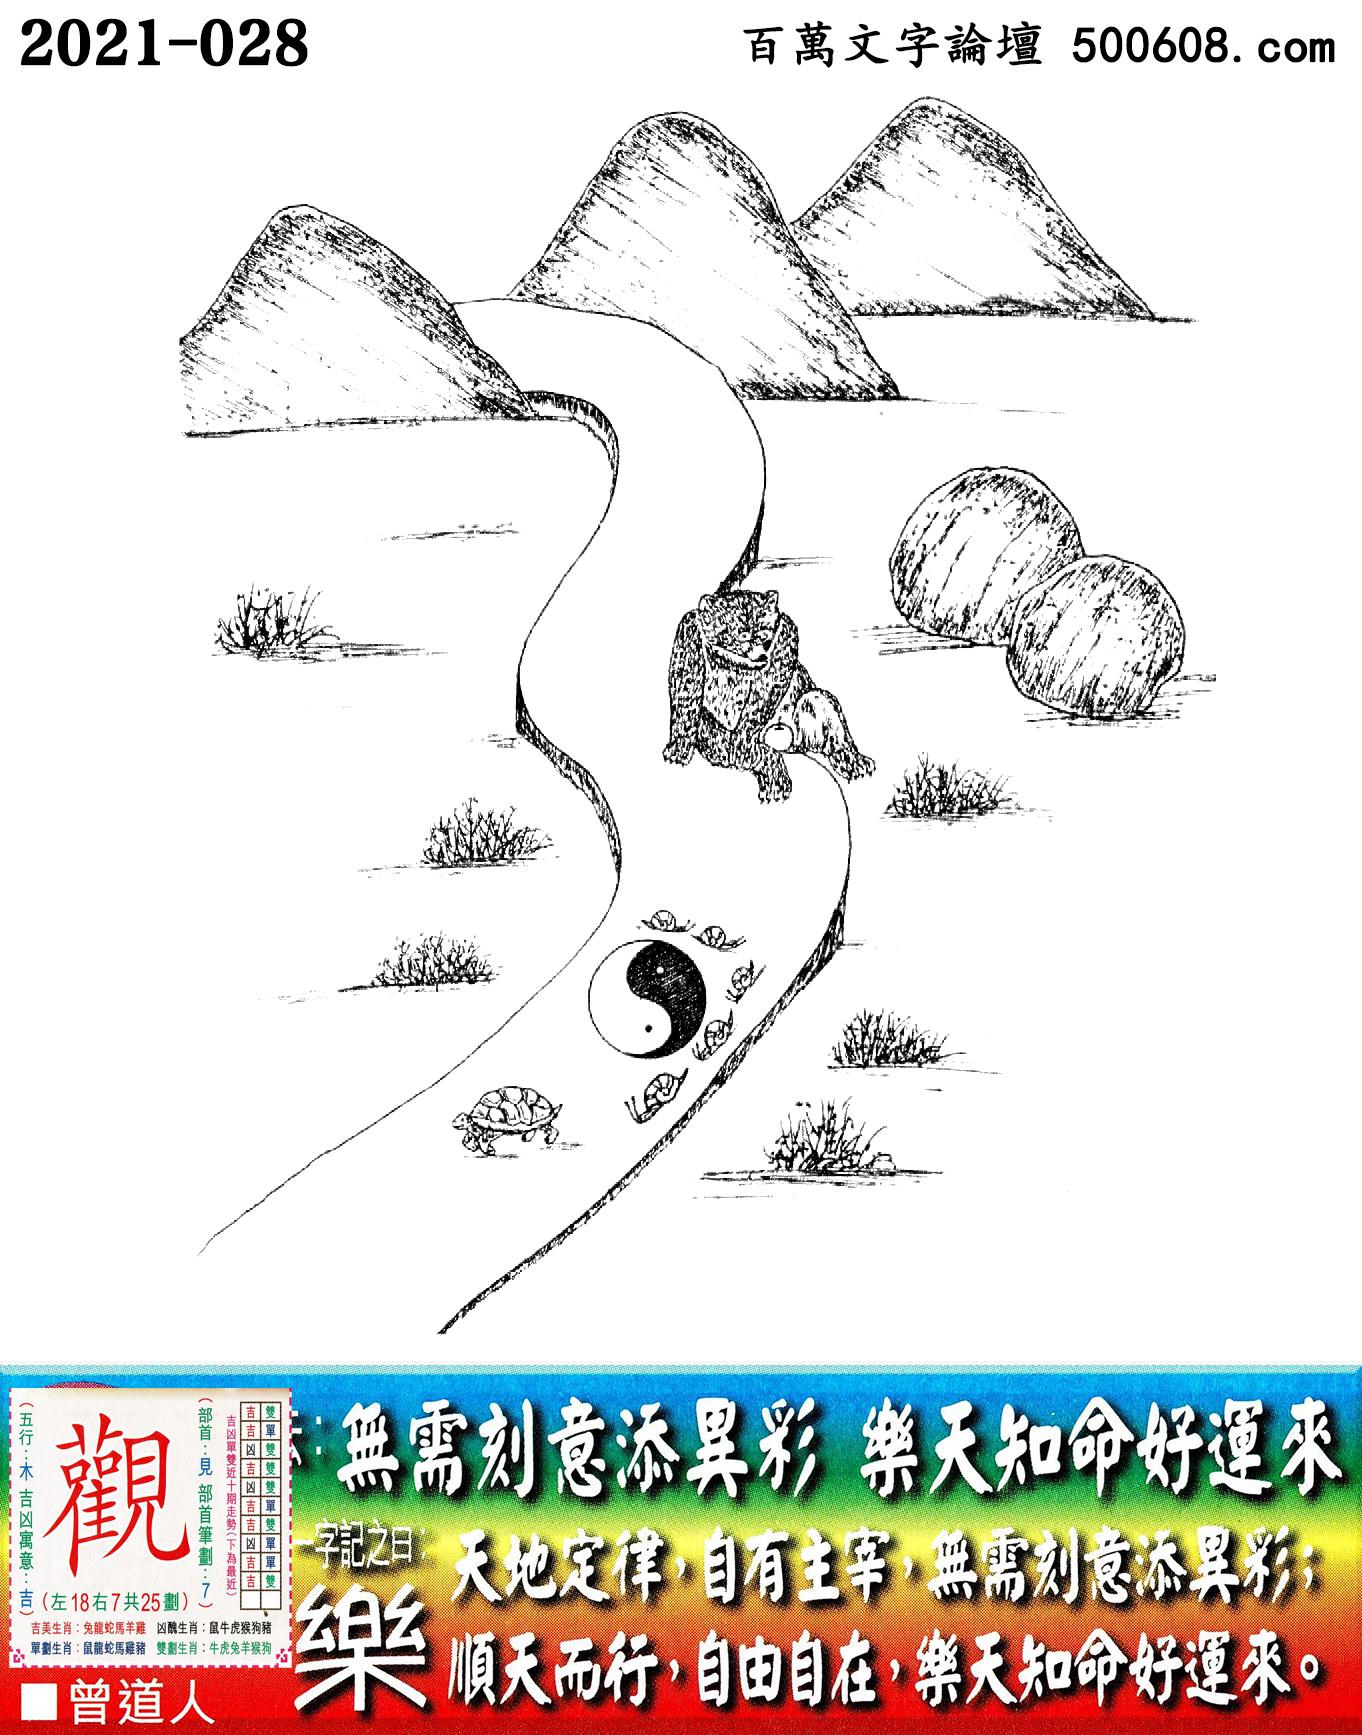 028期老版跑狗一字�之曰:【�贰�_��:�o需刻意添��彩,�诽熘�命好�\�怼�